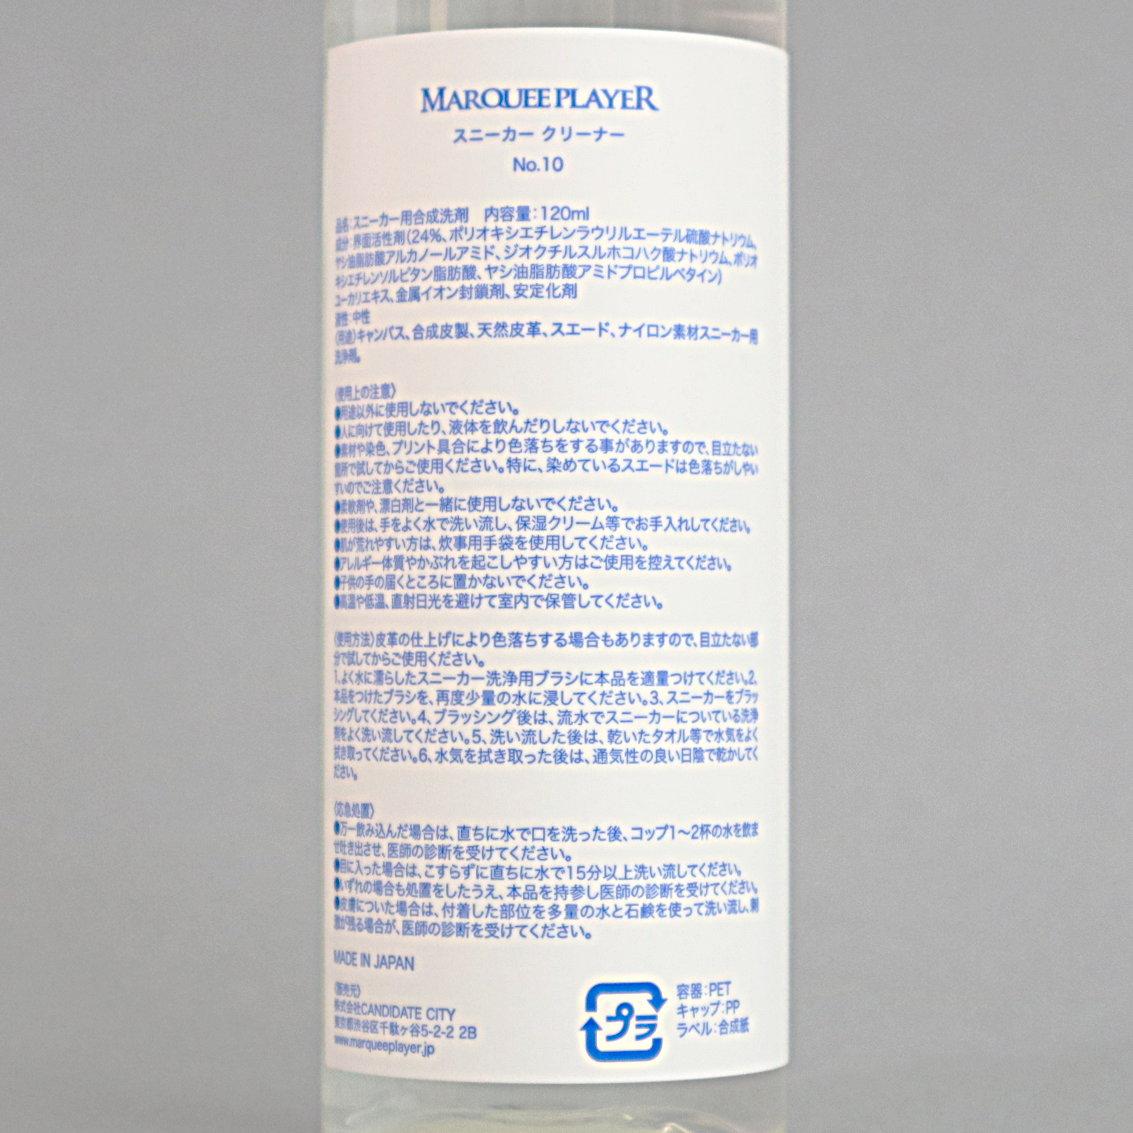 スニーカー用クリーナー/SNEAKER CLEANER �10(MARQUEE PLAYER)